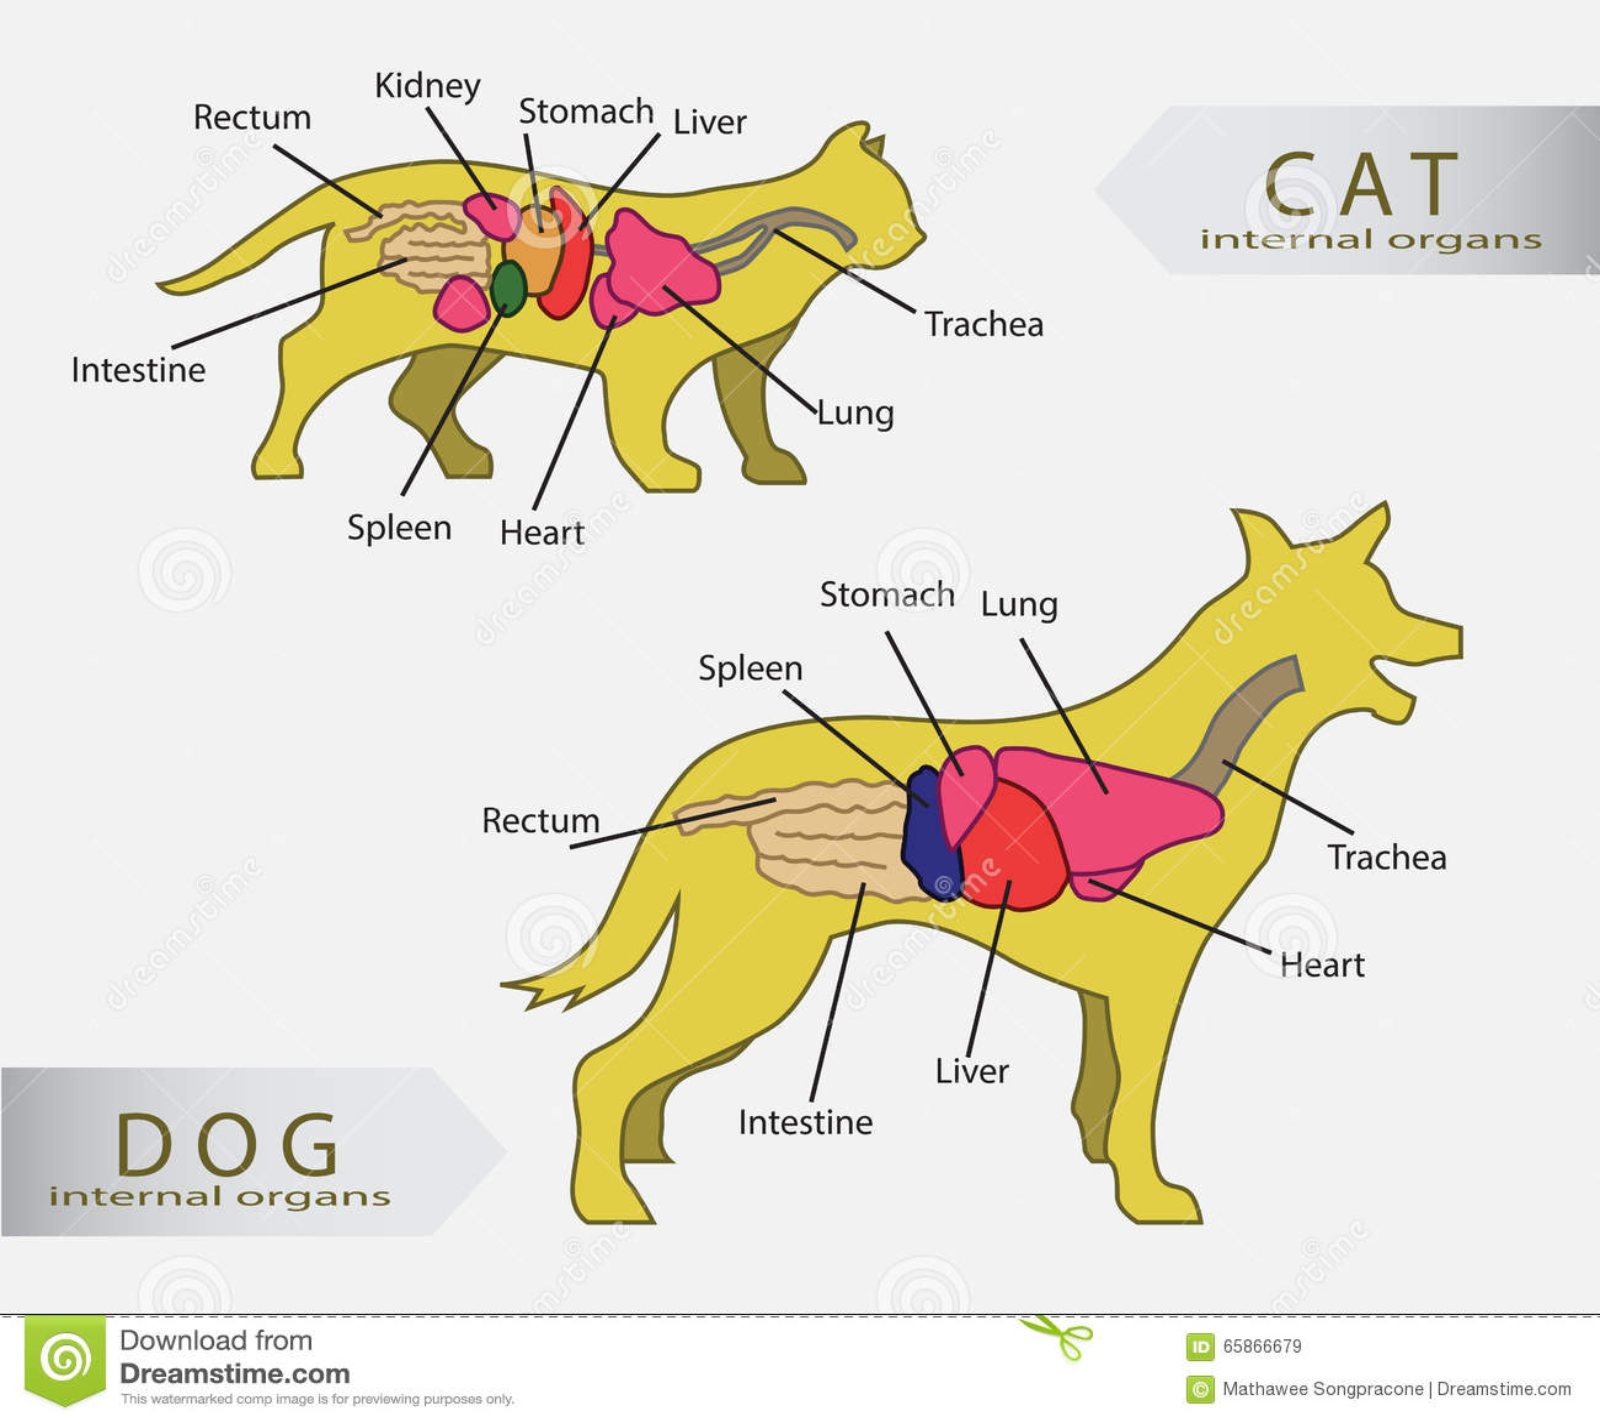 Cat Anatomy - Interne Anatomie Einer Katze Stockbild - Bild von ...